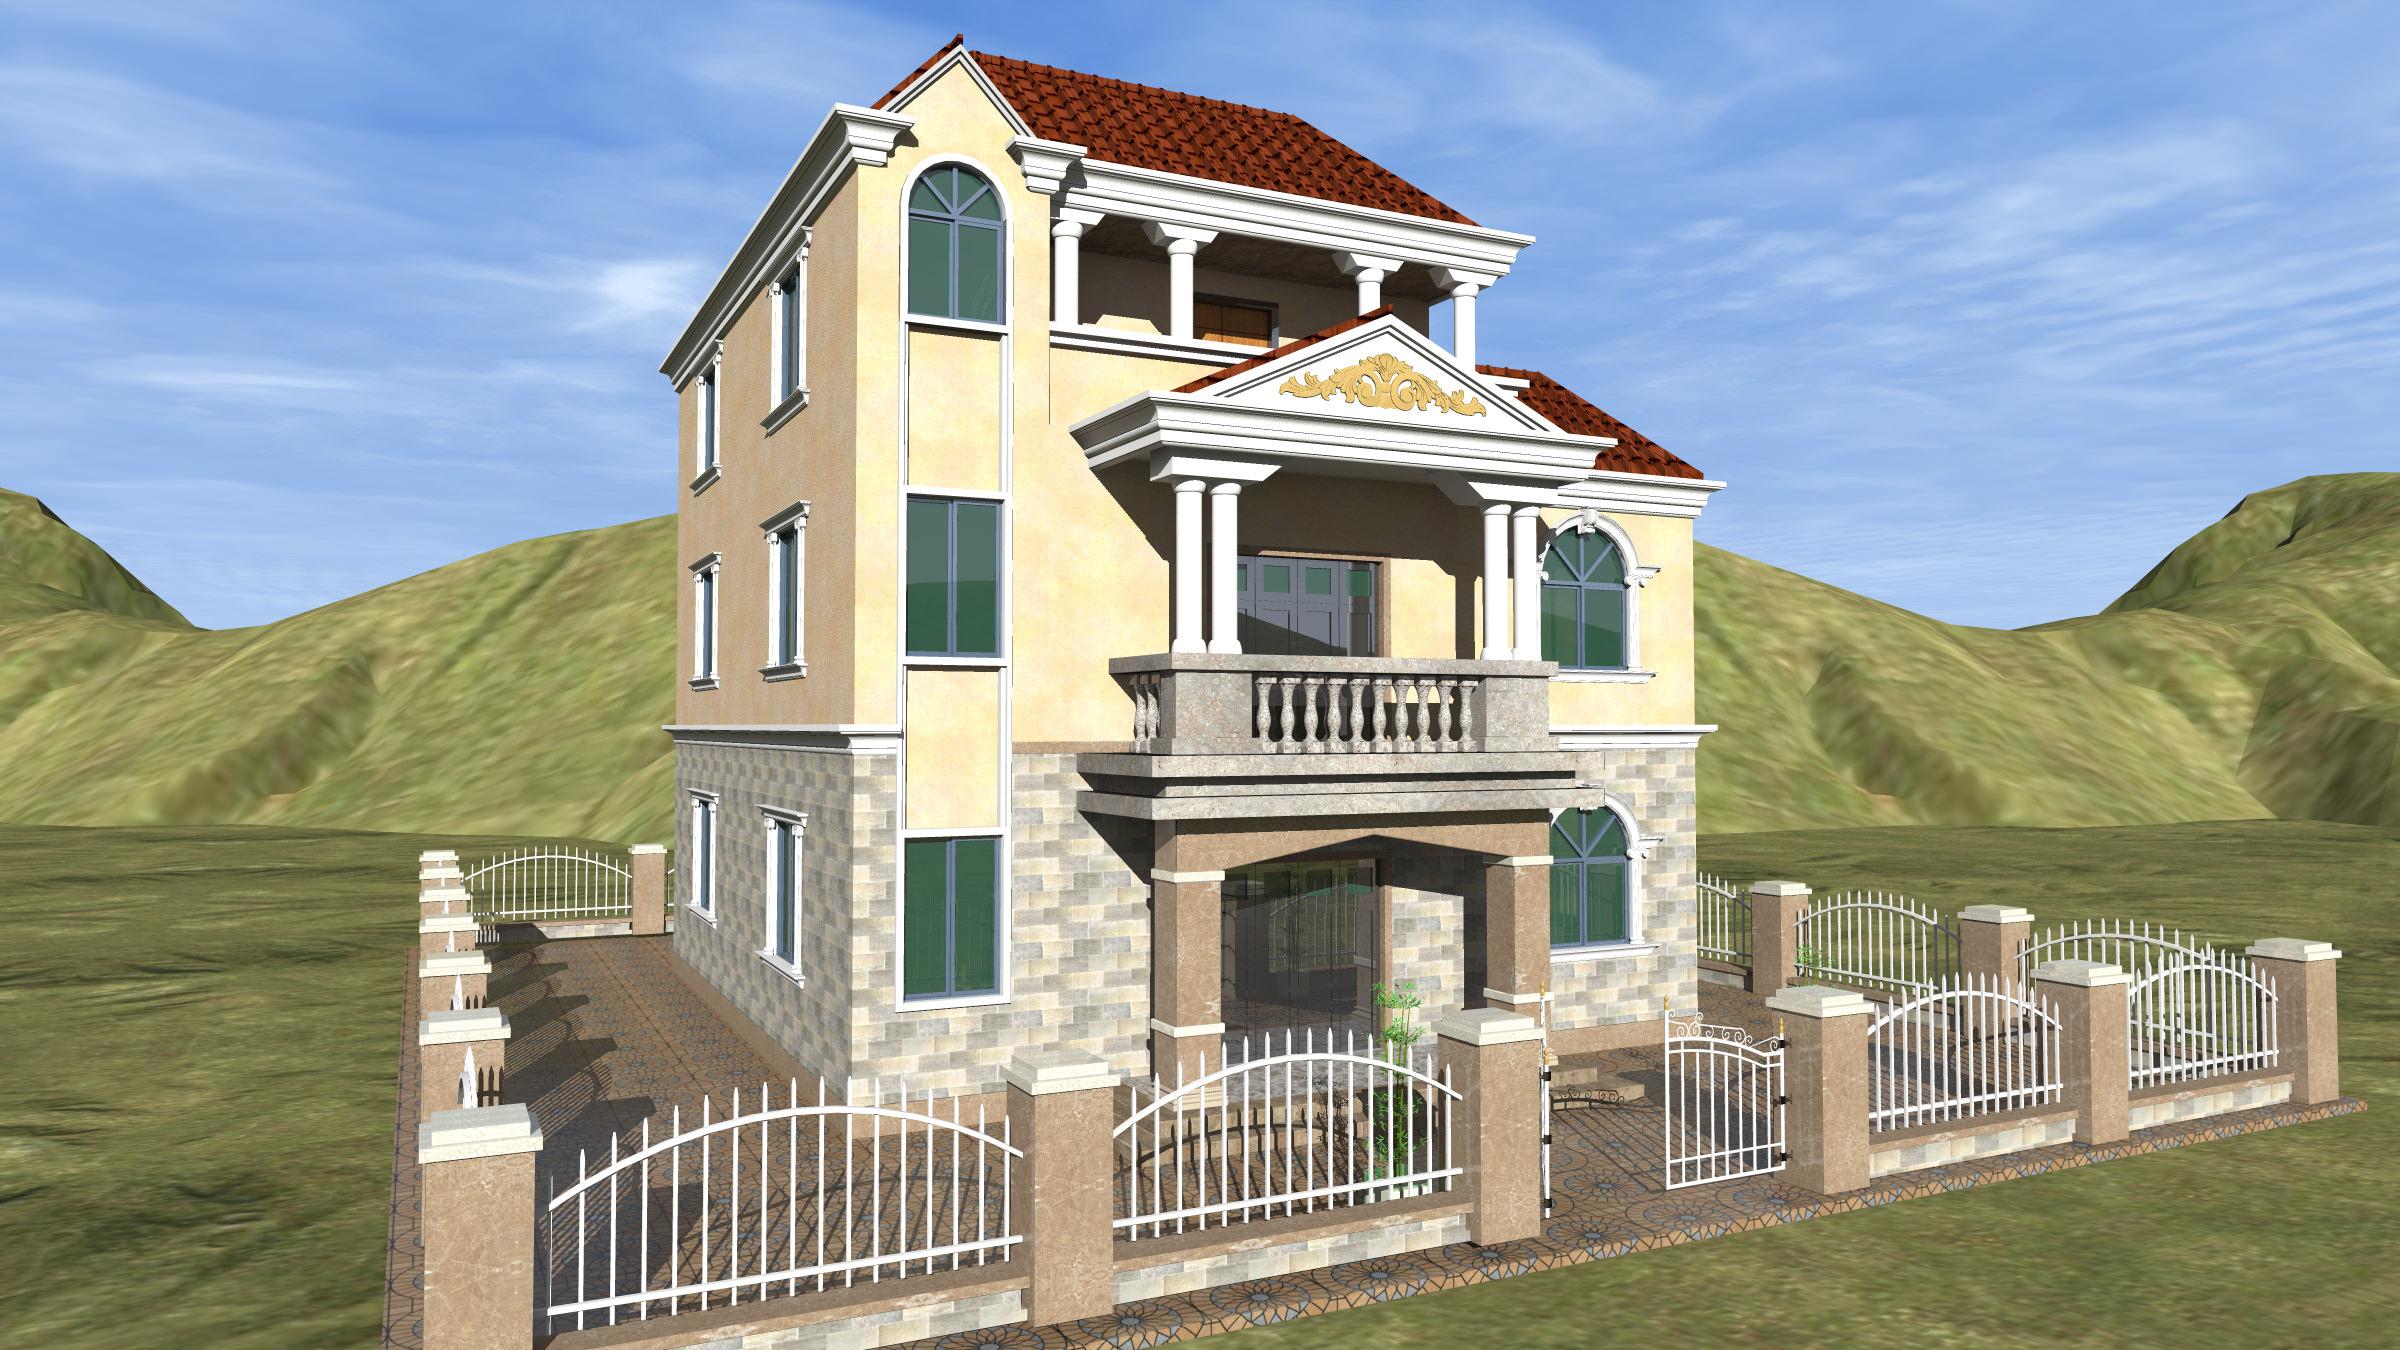 一楼大门 二楼阳台 三楼露台